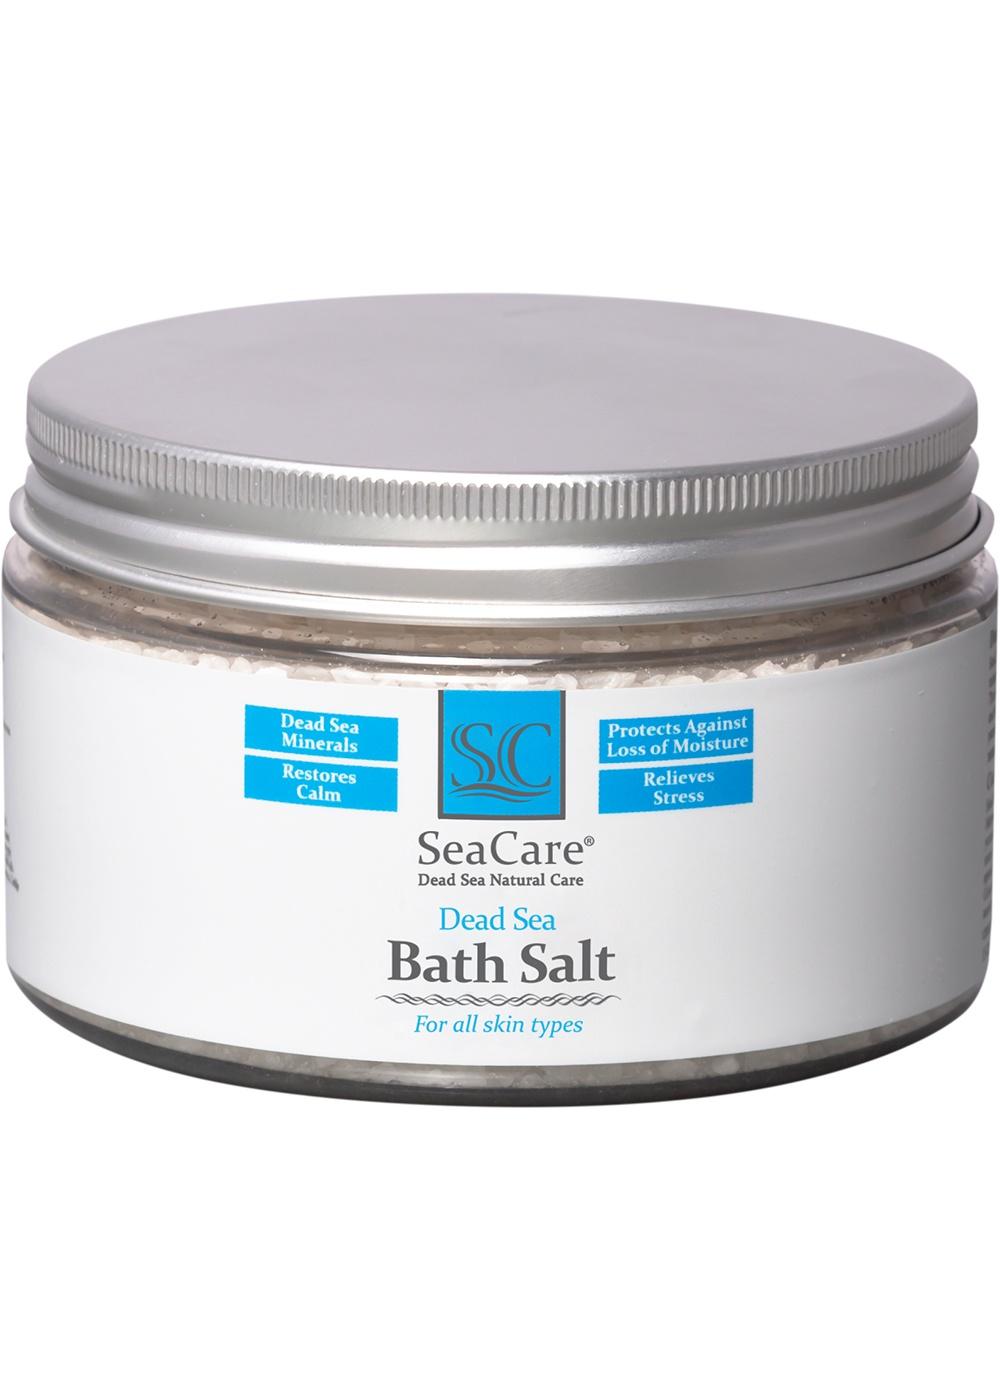 Соль для ванны SeaCare Расслабляющая Мертвого Моря для ванны с восстанавливающим и успокаивающим эффектом, 300 гр, 300